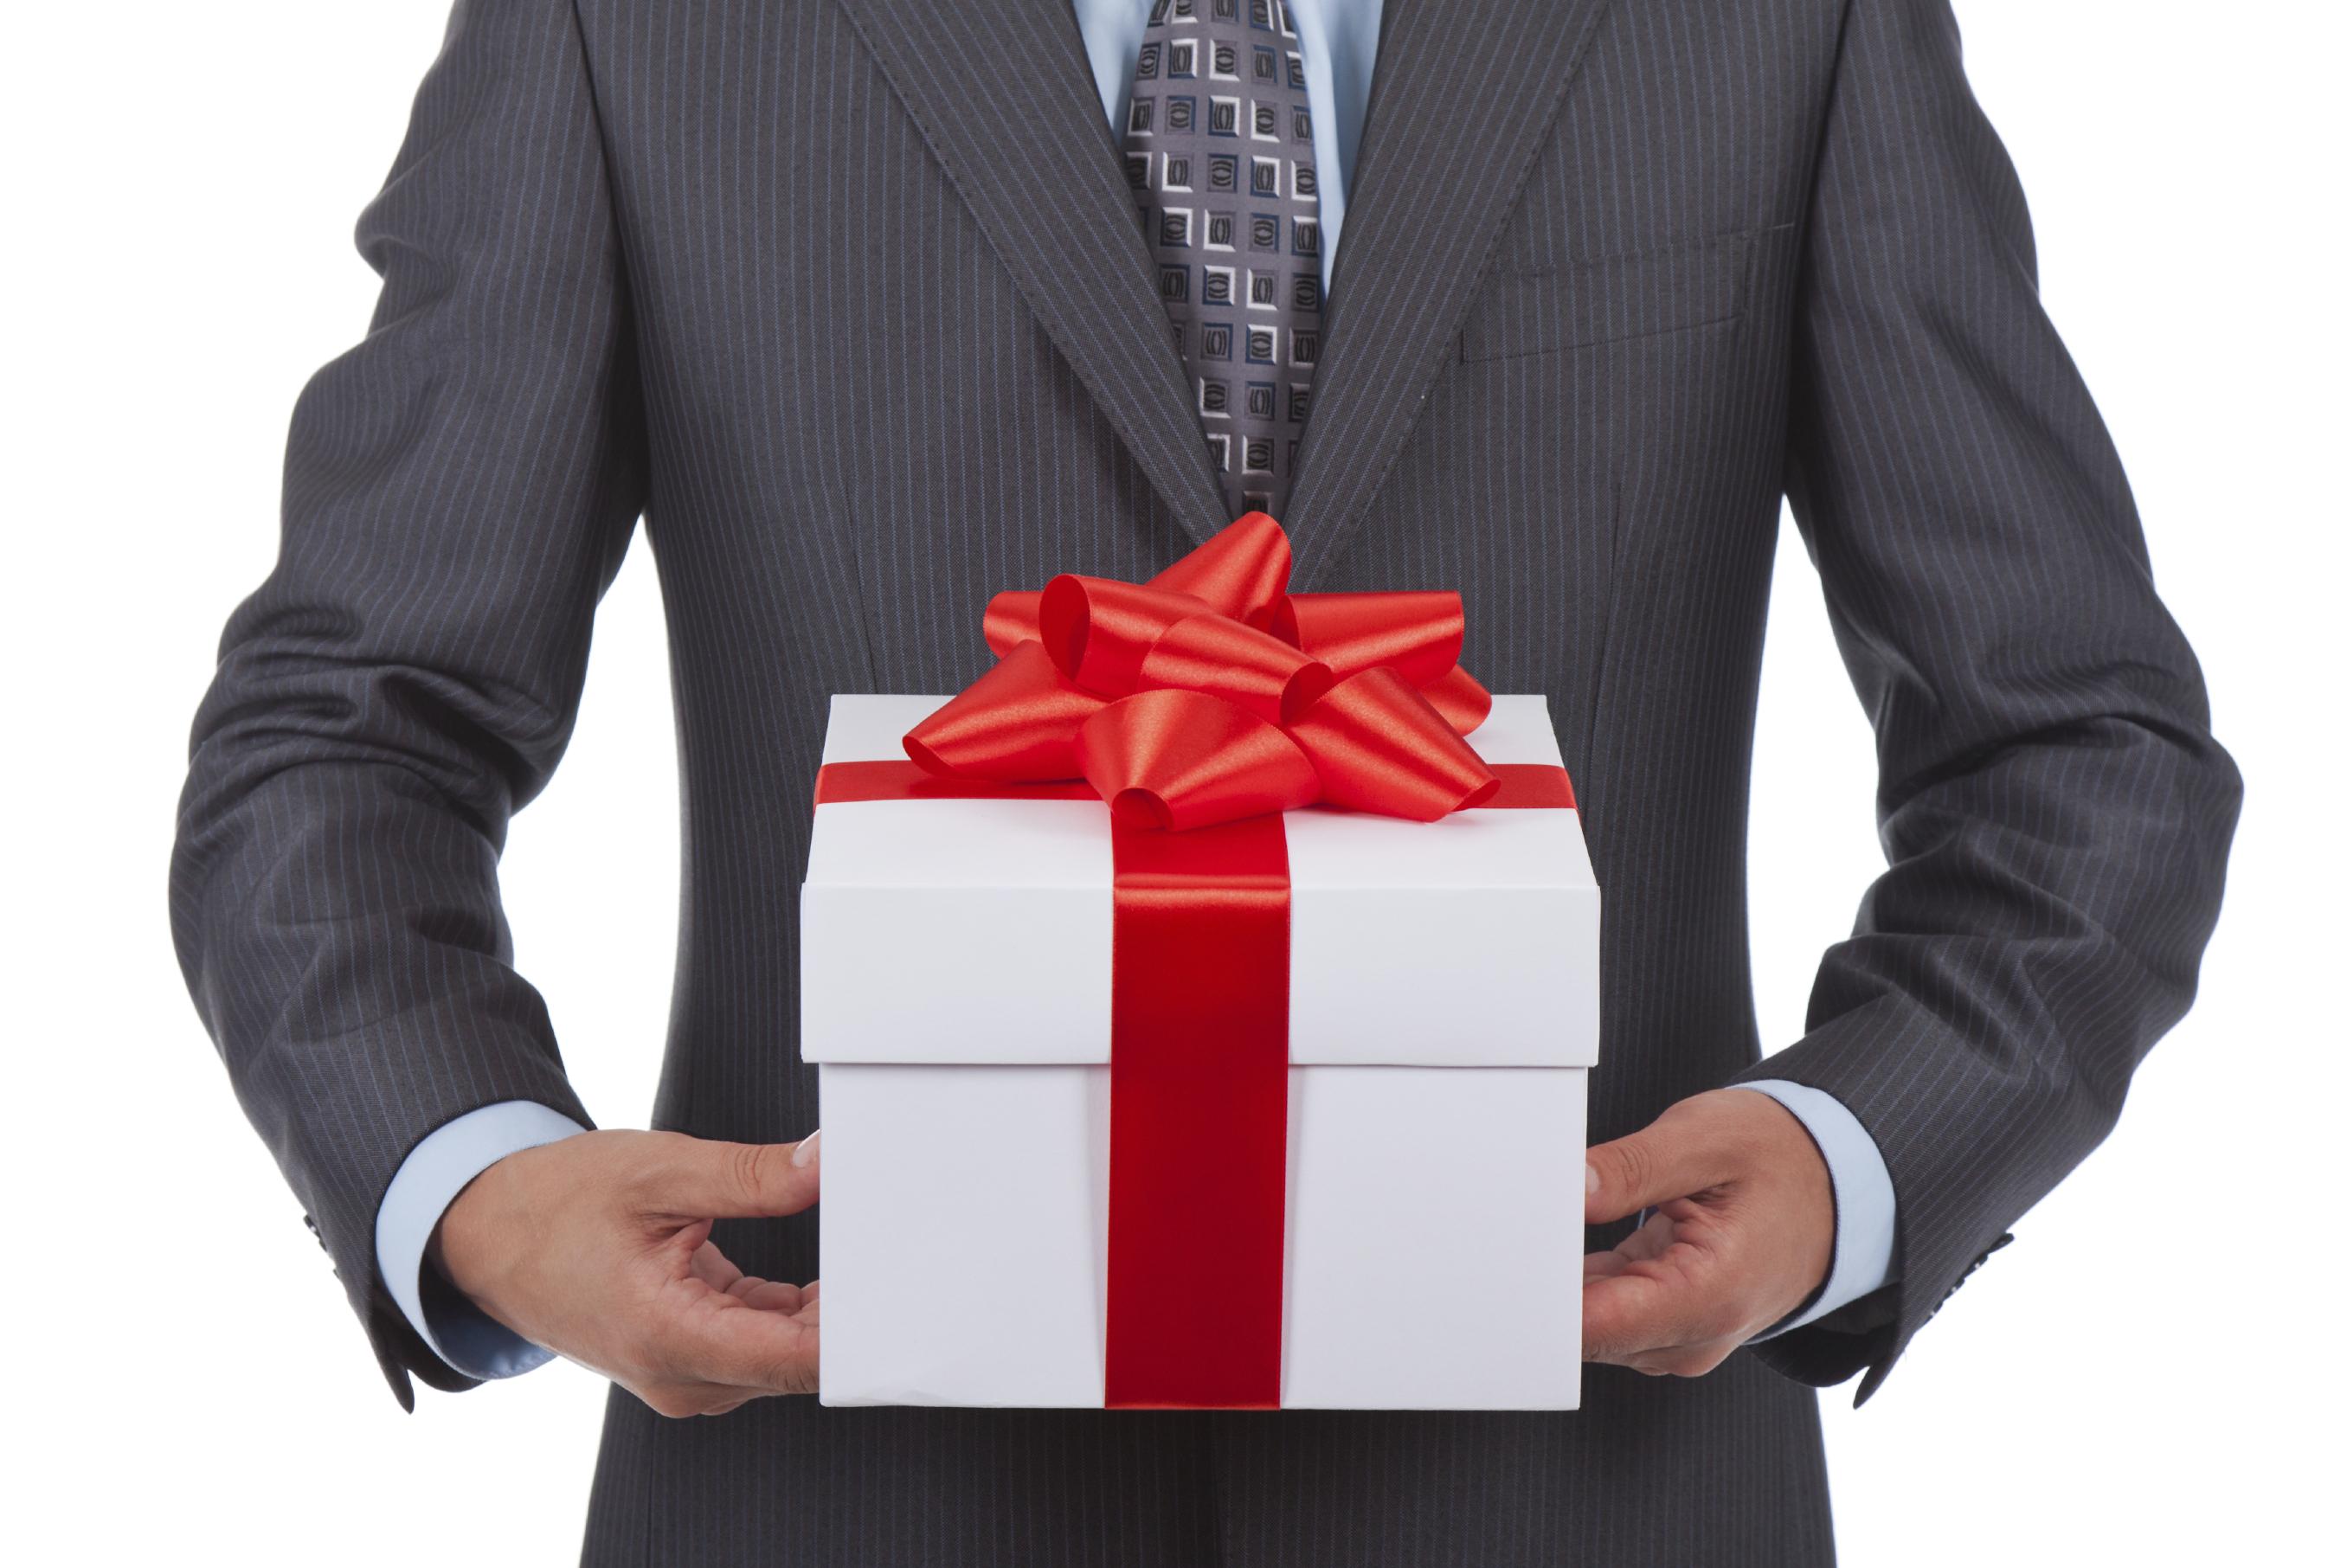 Изображение - Можно ли написать дарственную на квартиру если она в ипотеке blobid1551285192537